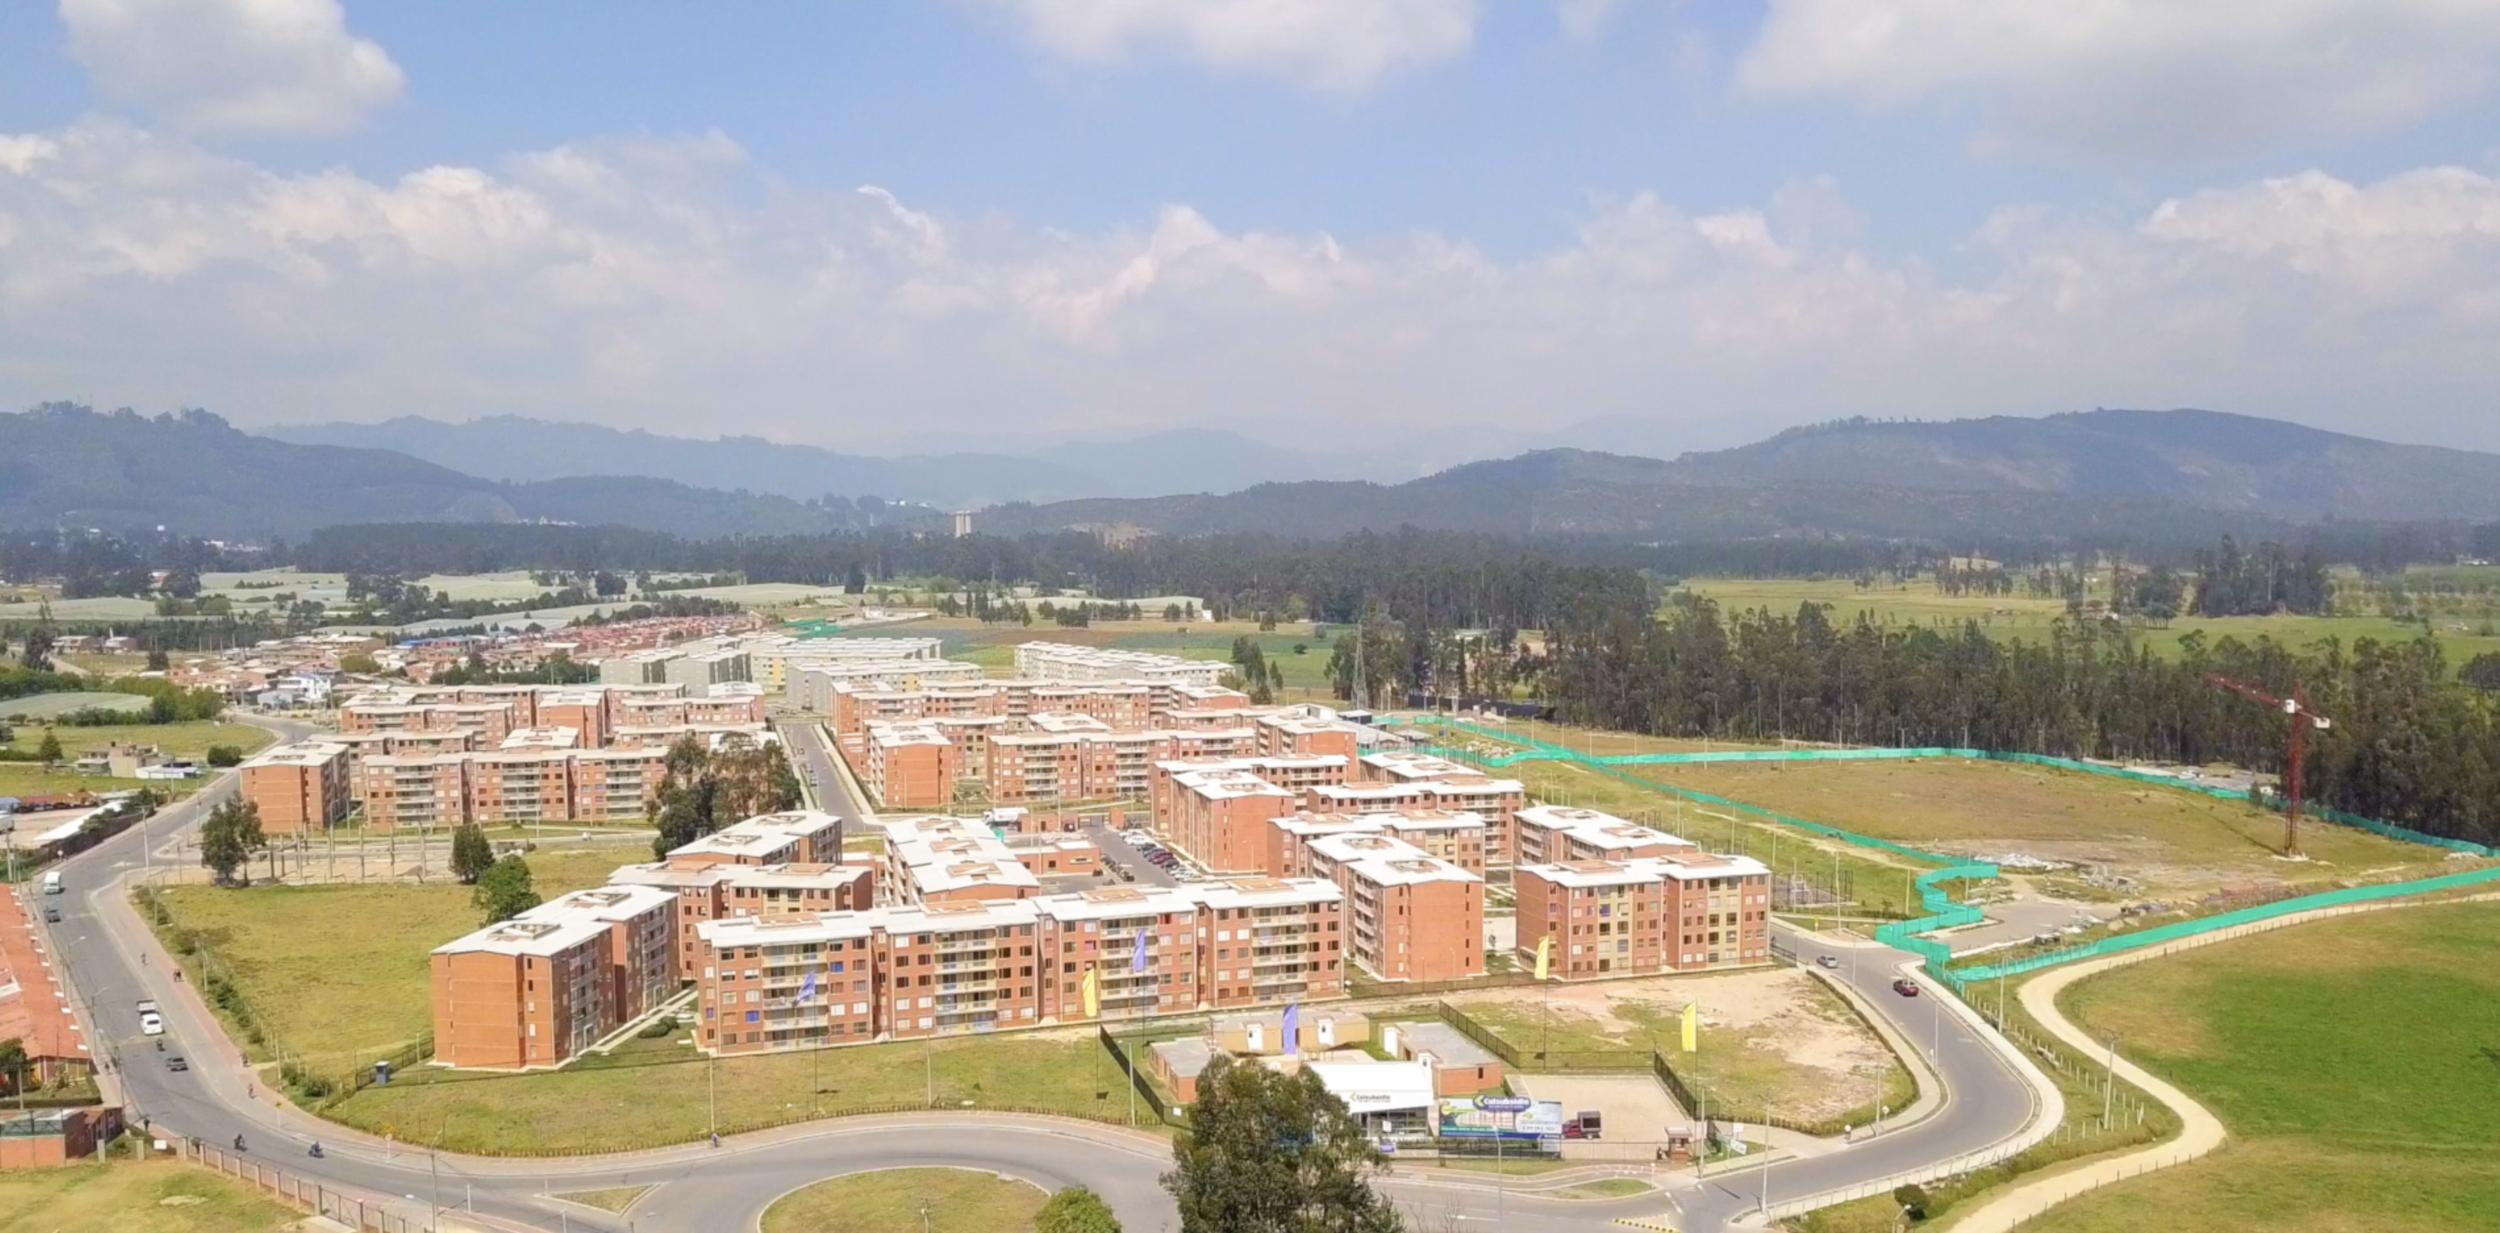 SBC project Caminos de Sie North of Bogota, Colombia.